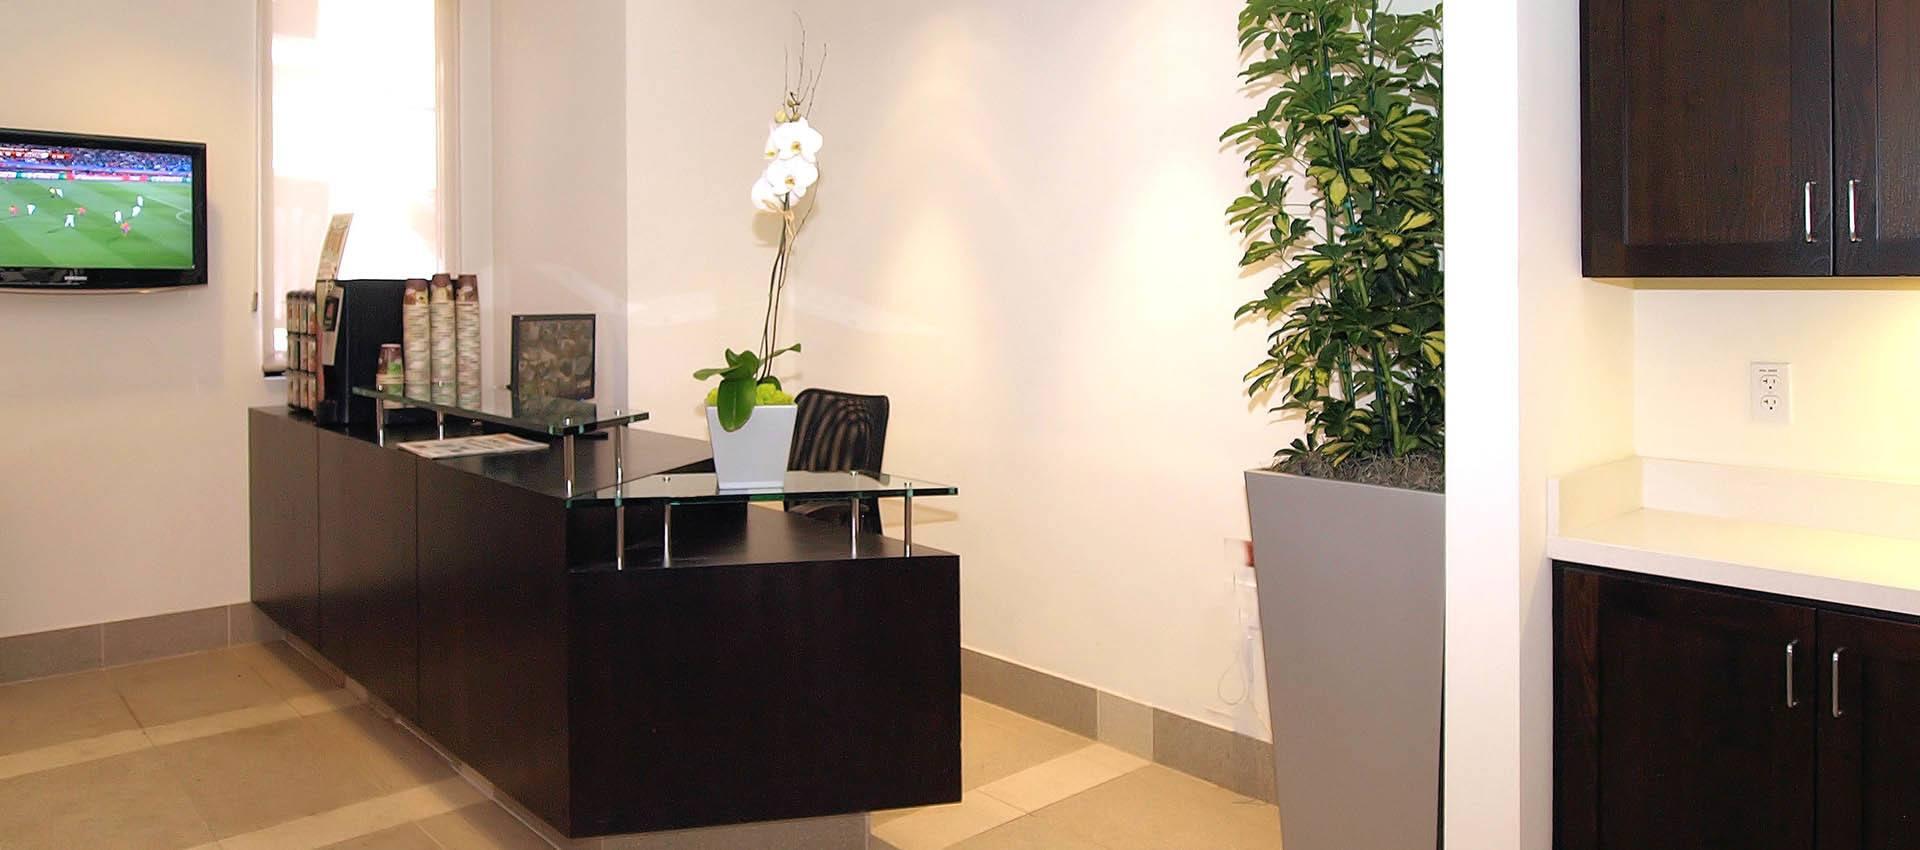 Concierge Services at Tower 737 Condominium Rentals in San Francisco